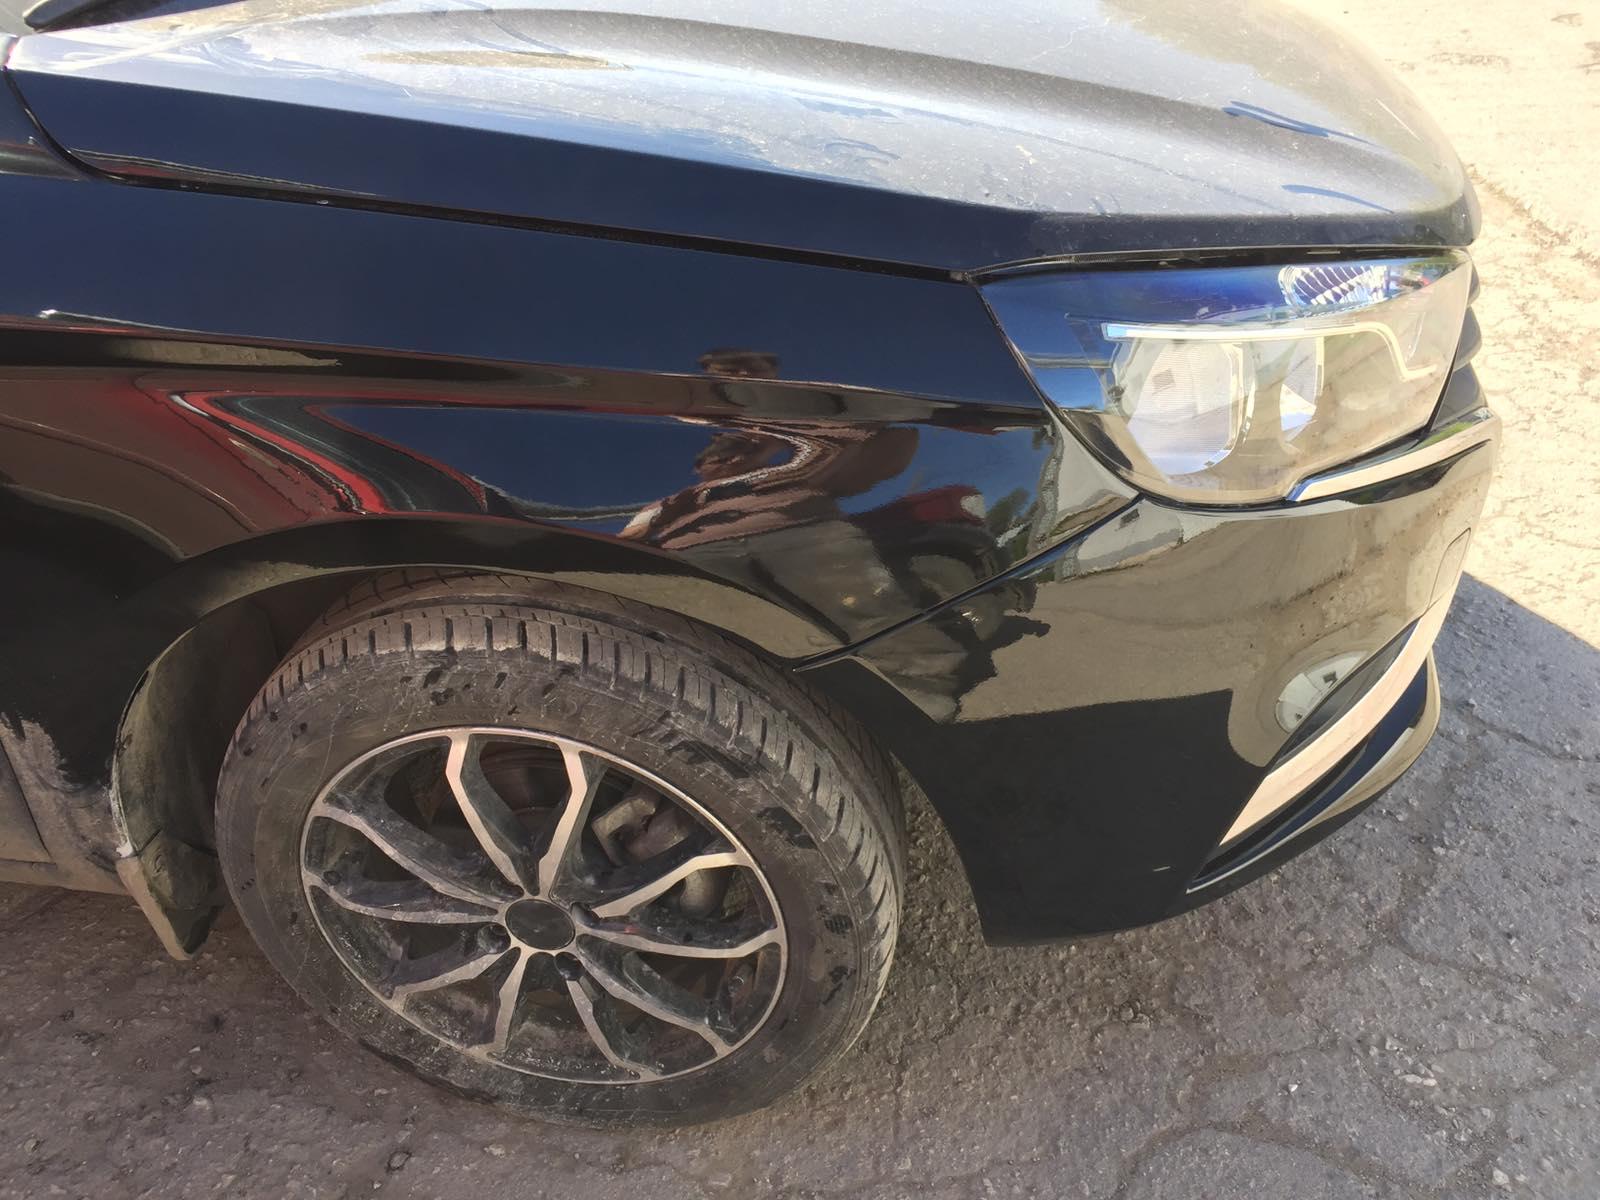 Лада Веста/Lada Vesta - Кузовной ремонт и локальная покраска двух элементов - после